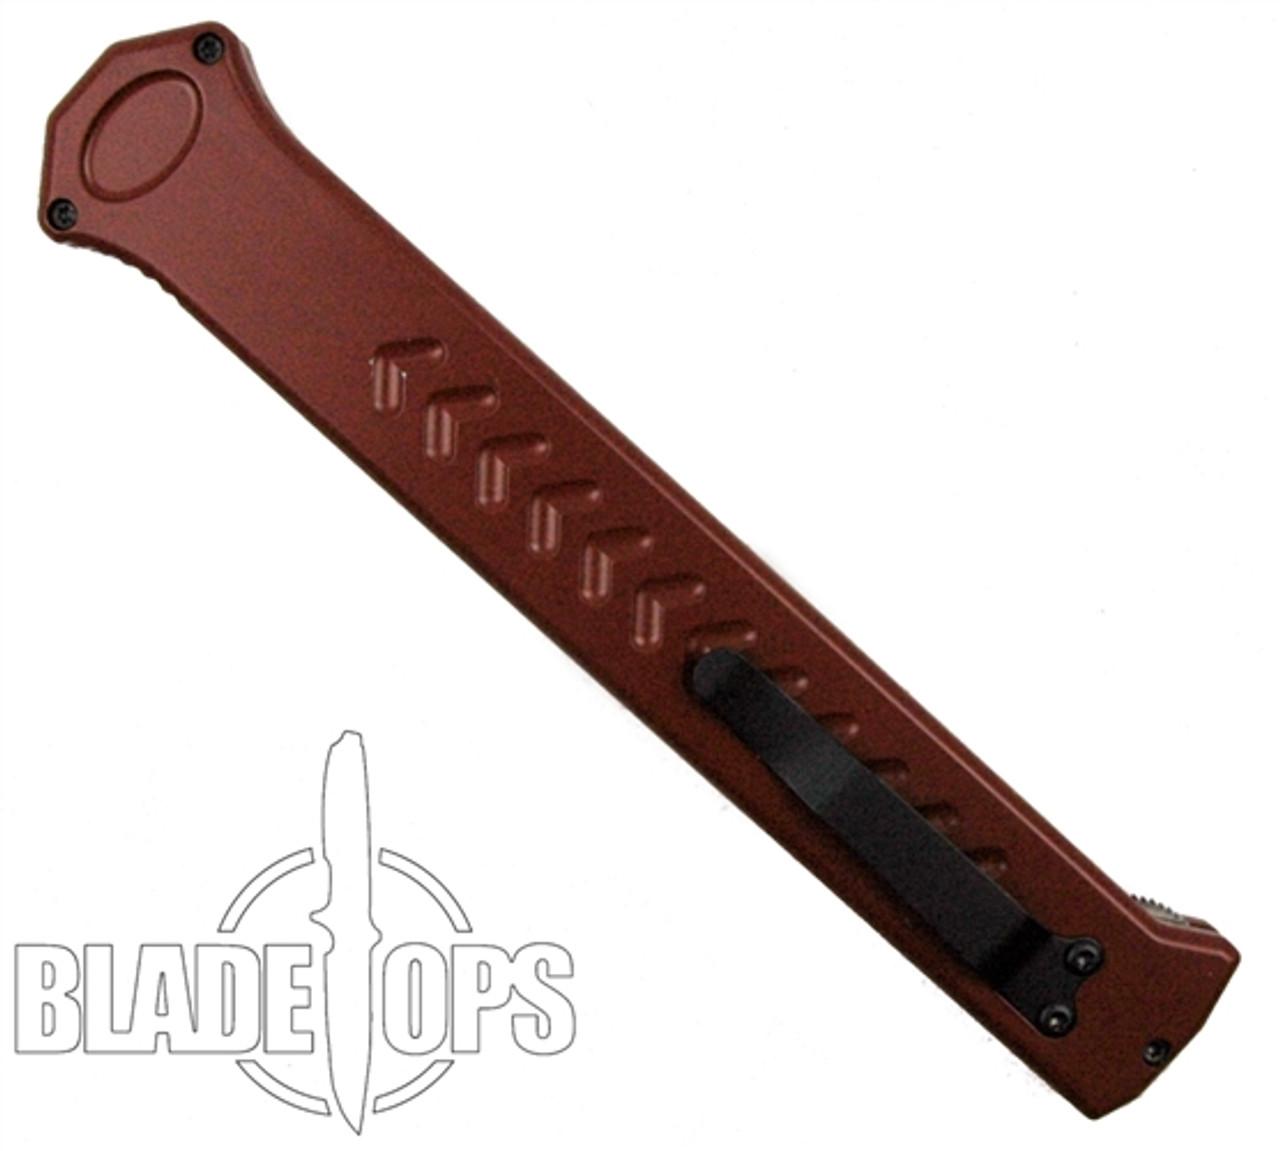 Paragon Red Estiletto OTF Auto Knife, Red Cerakote Dagger Blade